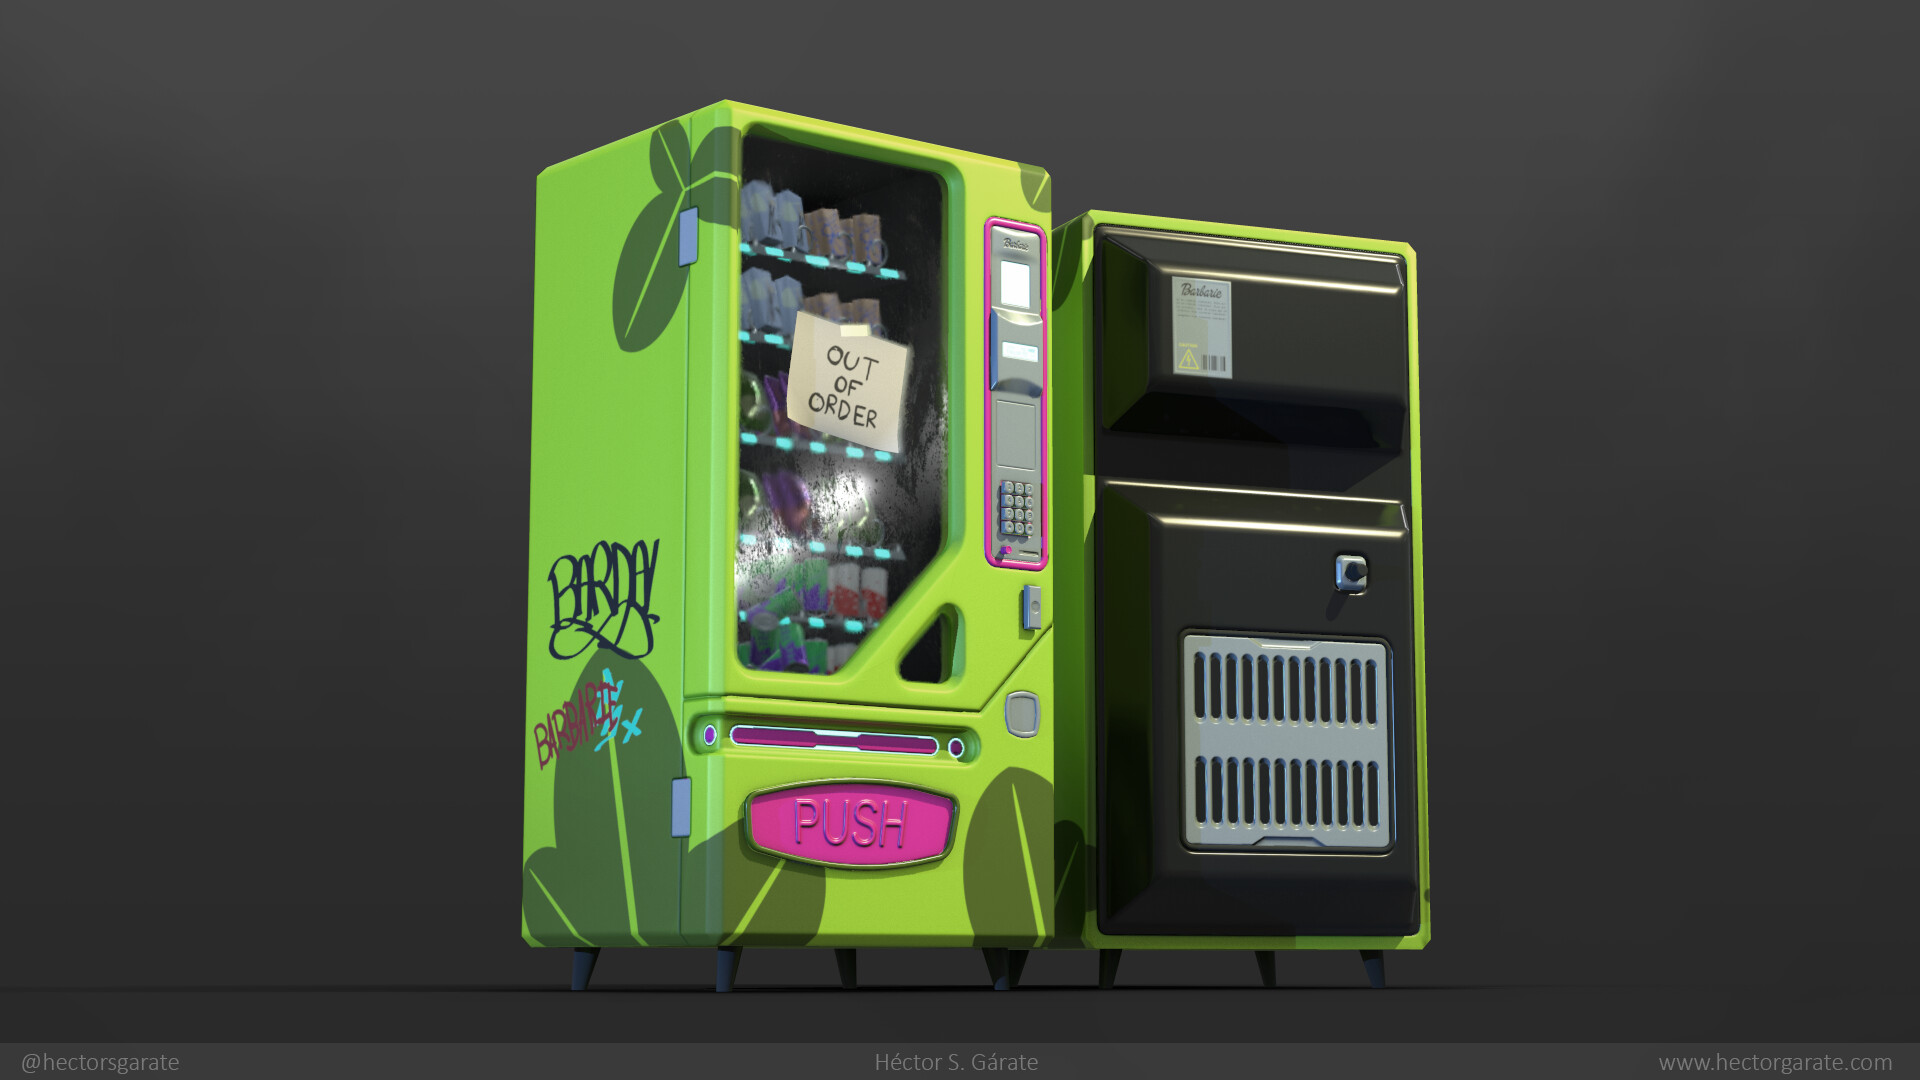 Hector garate vending 01